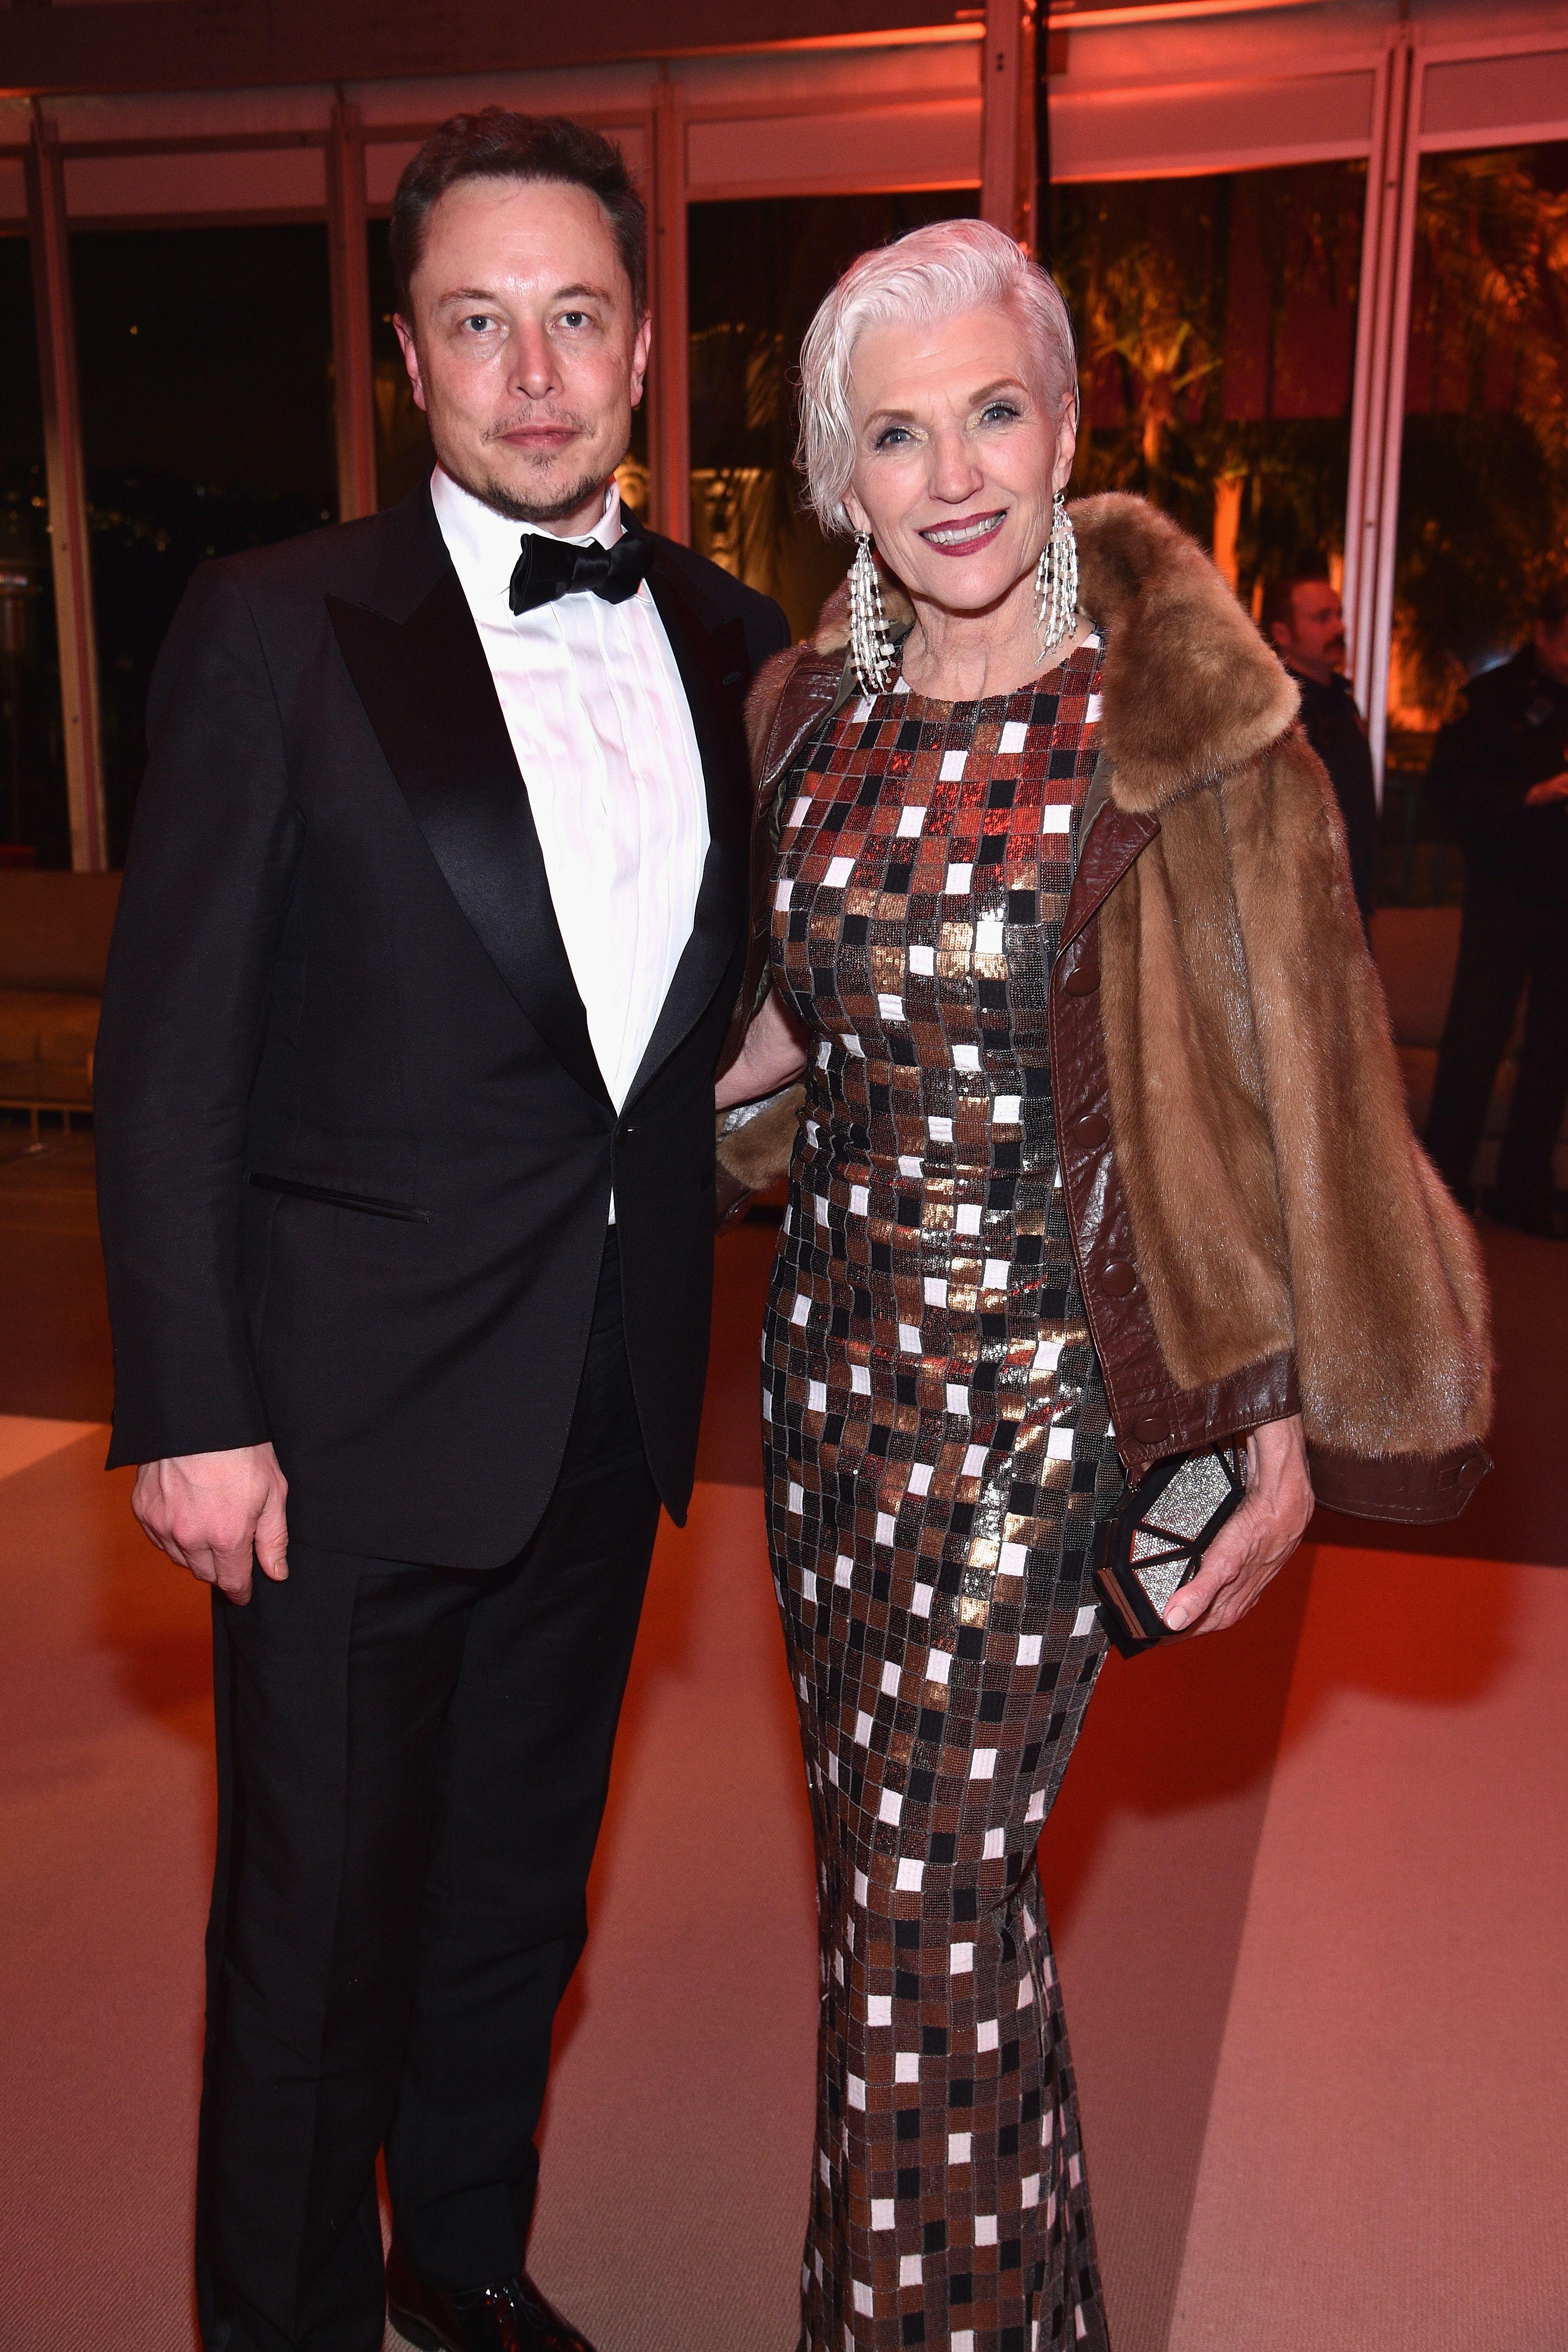 Elon Musk's mother Maye Musk is a model.